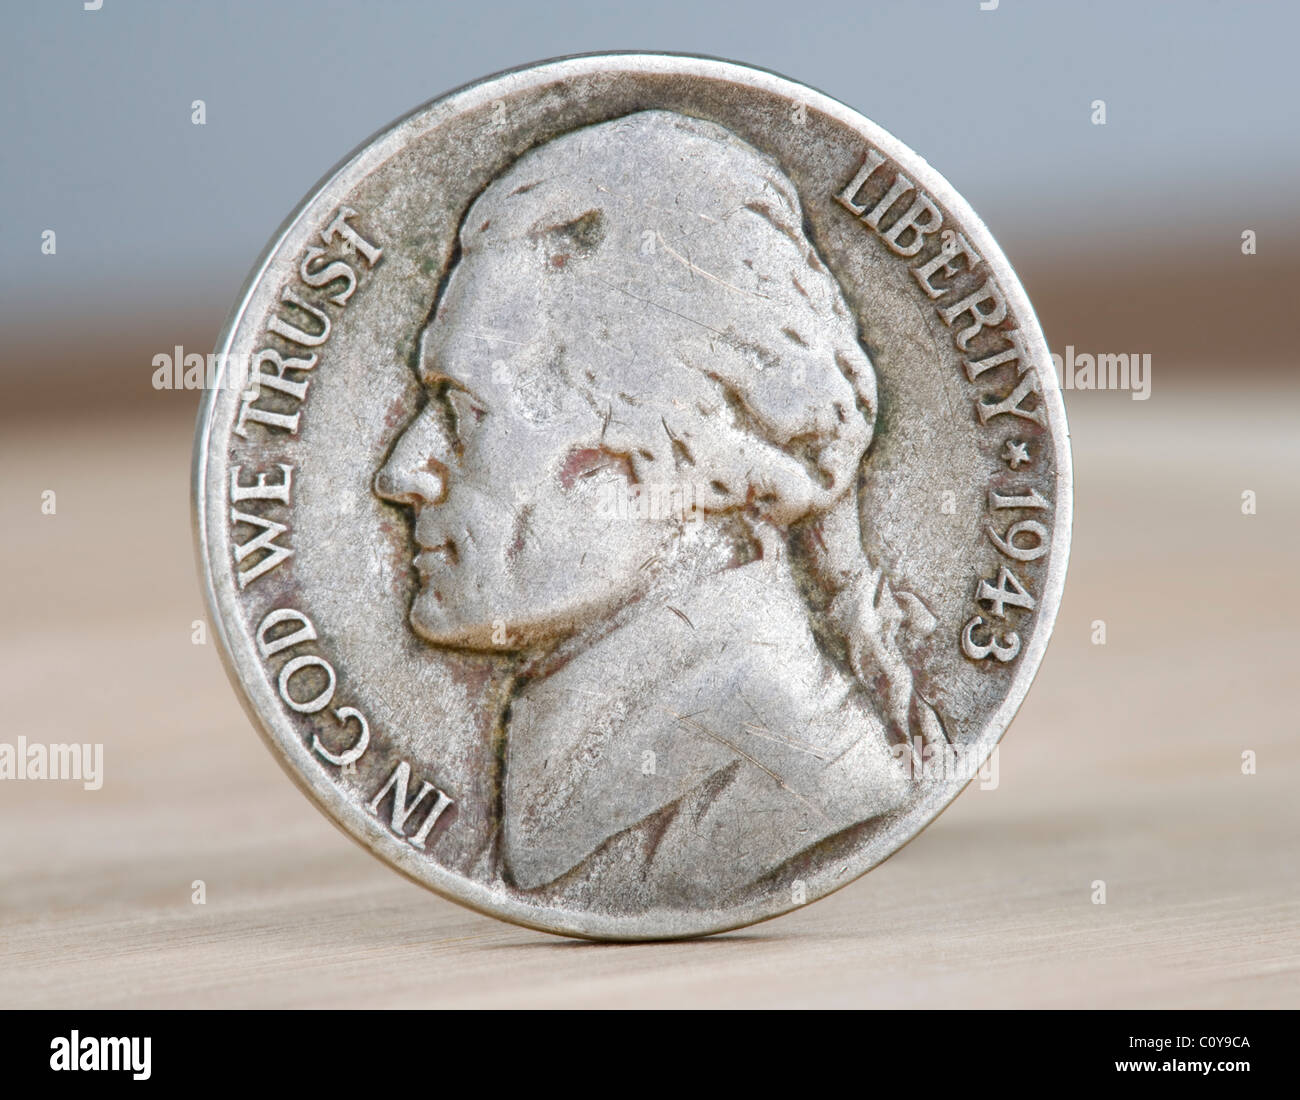 La guerre des États-Unis 1943 nickel. Ainsi appelé parce que pendant la PREMIÈRE GUERRE MONDIALE, Photo Stock